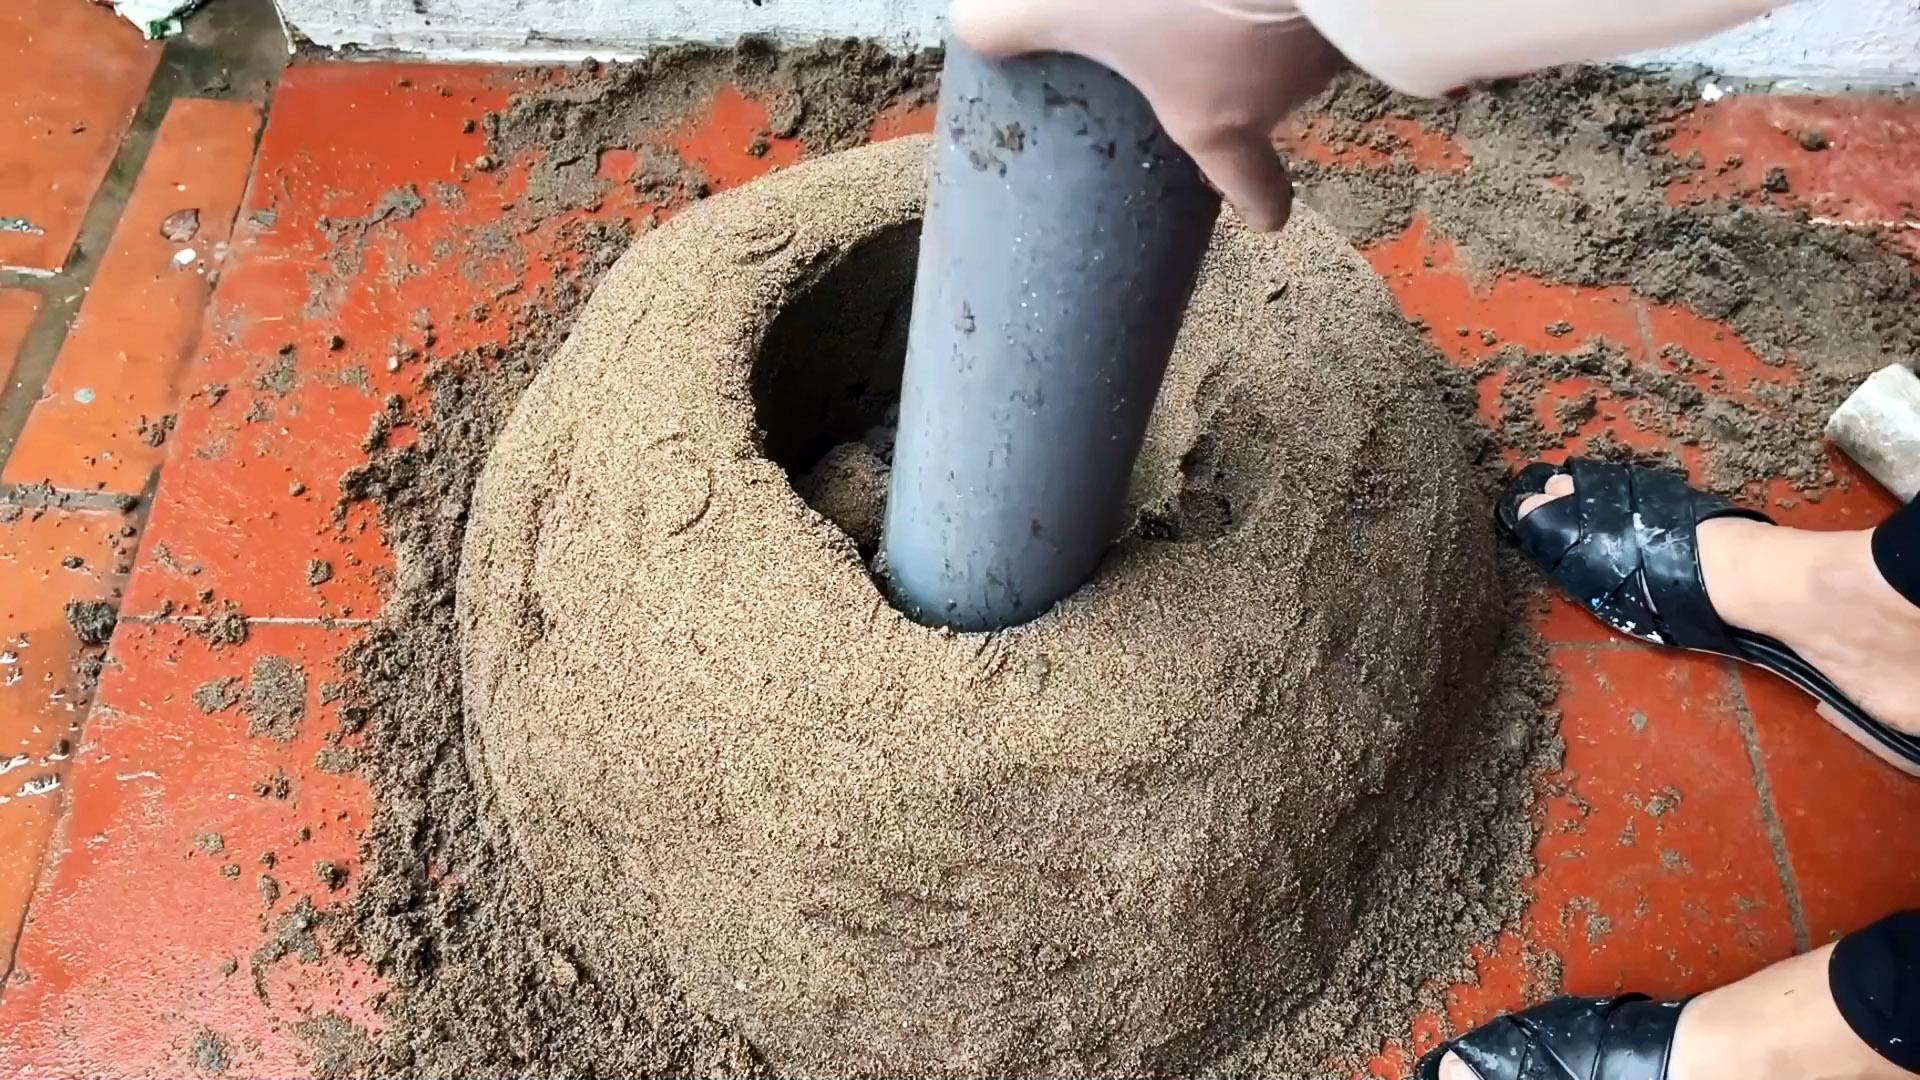 Как сделать столик для террасы с лебедями из цемента